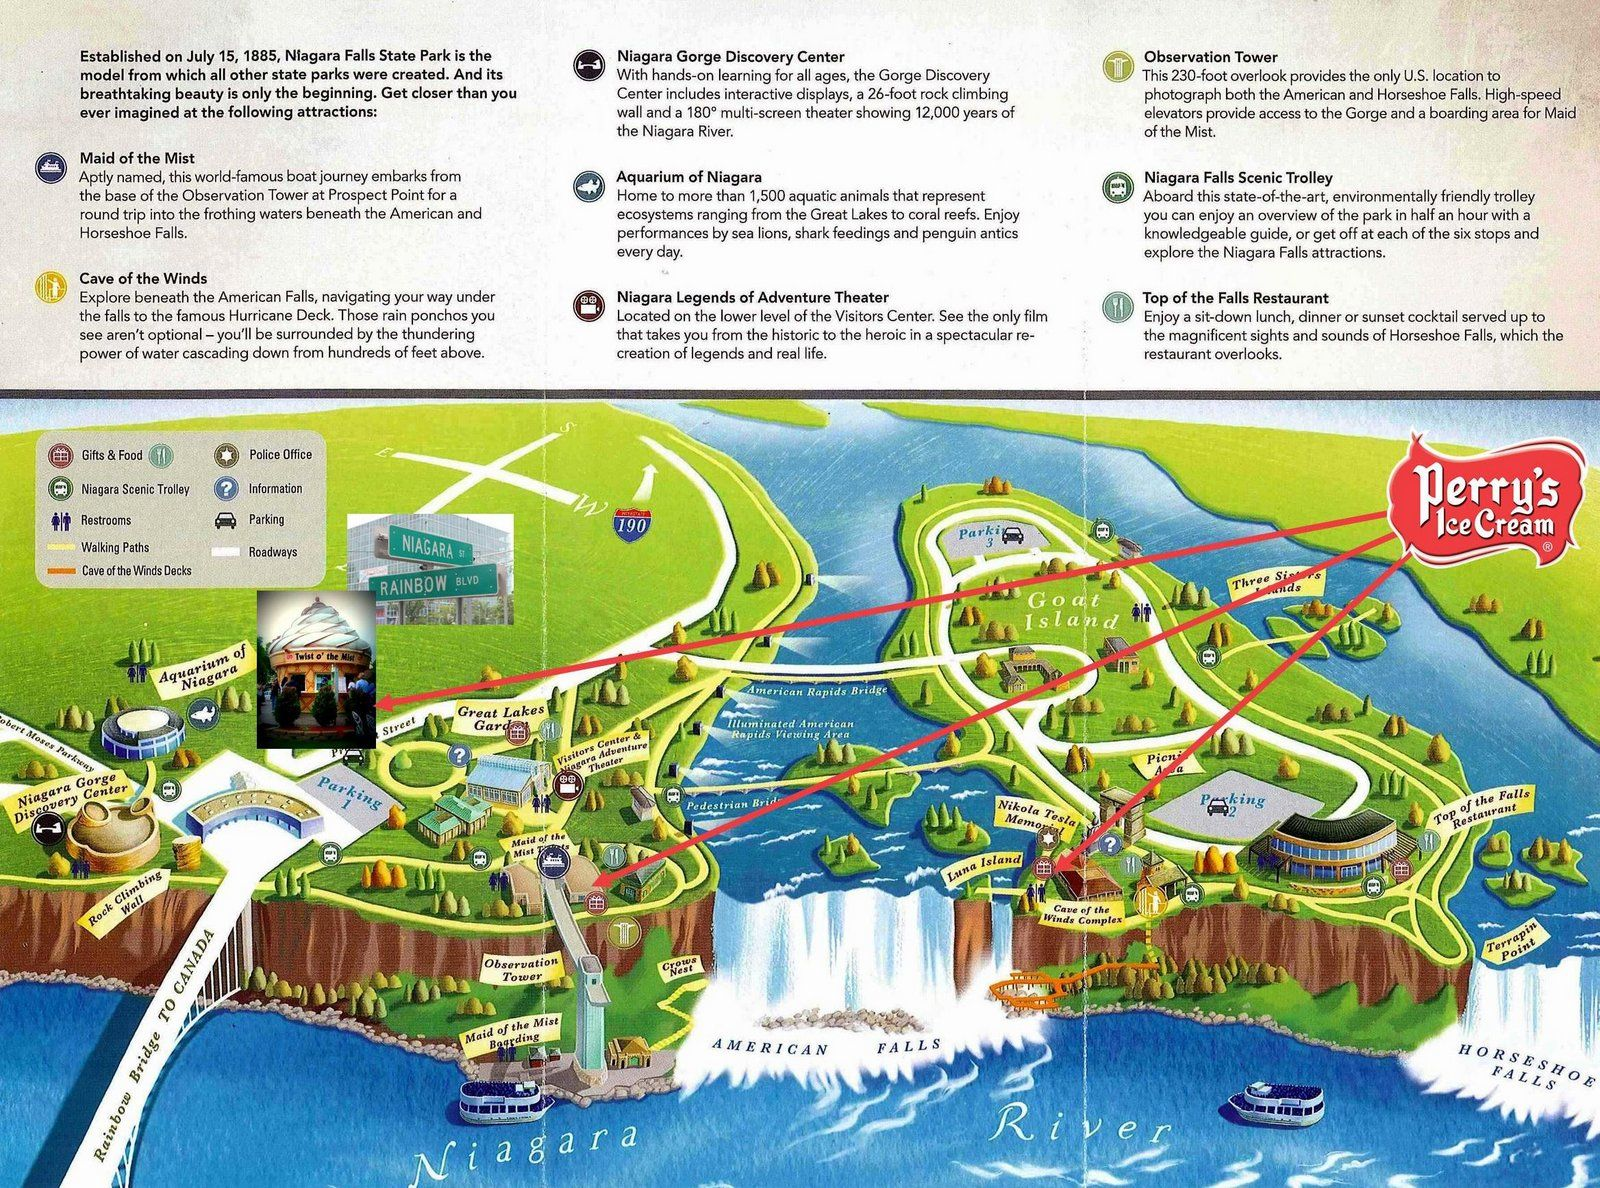 niagara falls tourism map Pickhack Com Niagara Falls Map Niagara Falls Niagara Falls niagara falls tourism map